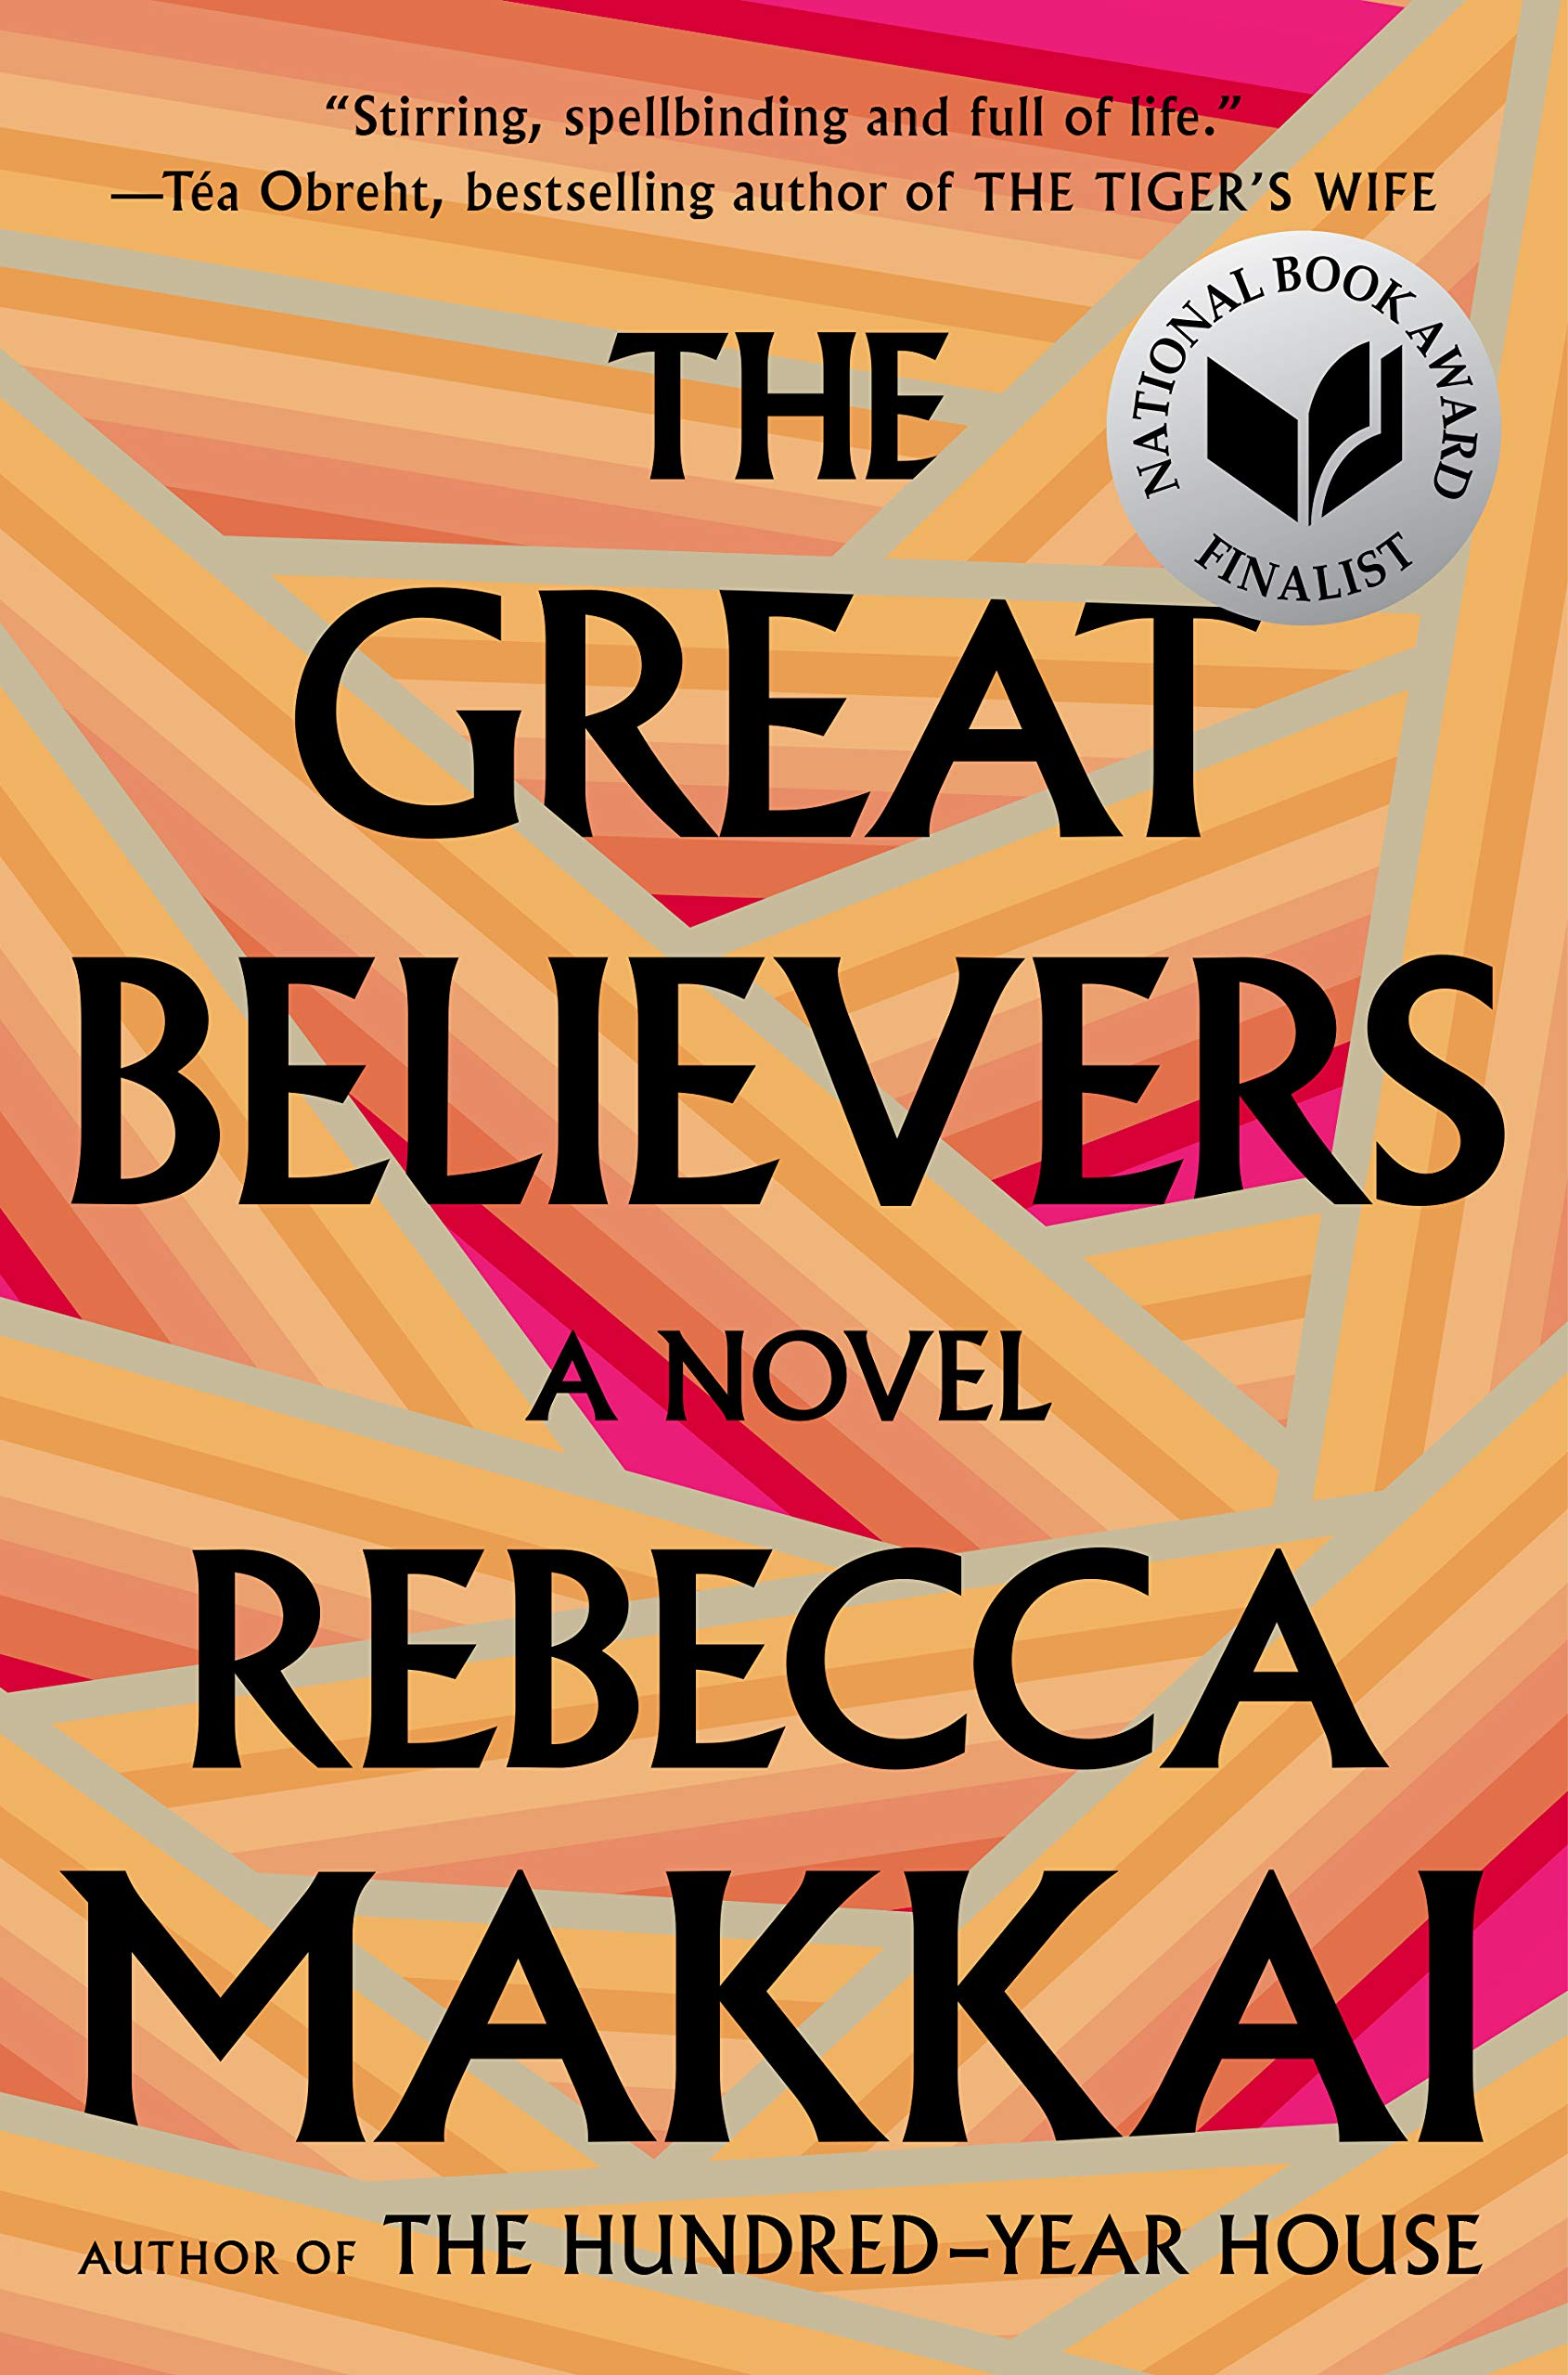 the great believers, rebecca makkai - Genre: RomanSamenvatting van het boek in twee zinnen: The Great Believers gaat over de strijd van de gayscene tegen aids in de jaren 80. Het is een boek over hoop, vriendschap, verlies, liefde en empathie. De New York Times riep dit boek trouwens uit tot een van de tien beste boeken van 2018.Waarom dit het perfecte boek is om te lezen op het strand: Eenmaal begonnen met lezen is het lastig om te stoppen. Dit veroorzaakt een tweestrijd in je hoofd, want je wil wel stoppen. Niet omdat het boek slecht is of het verhaal niet pakt, maar omdat dat het juist wel doet en je niet wil dat het boek uit is.Favoriet citaat: 'And was friendship that different in the end from love? You took the possibility of sex out of it, and it was all about the moment anyway. Being here, right now, in someone's life. Making room for someone in yours.'